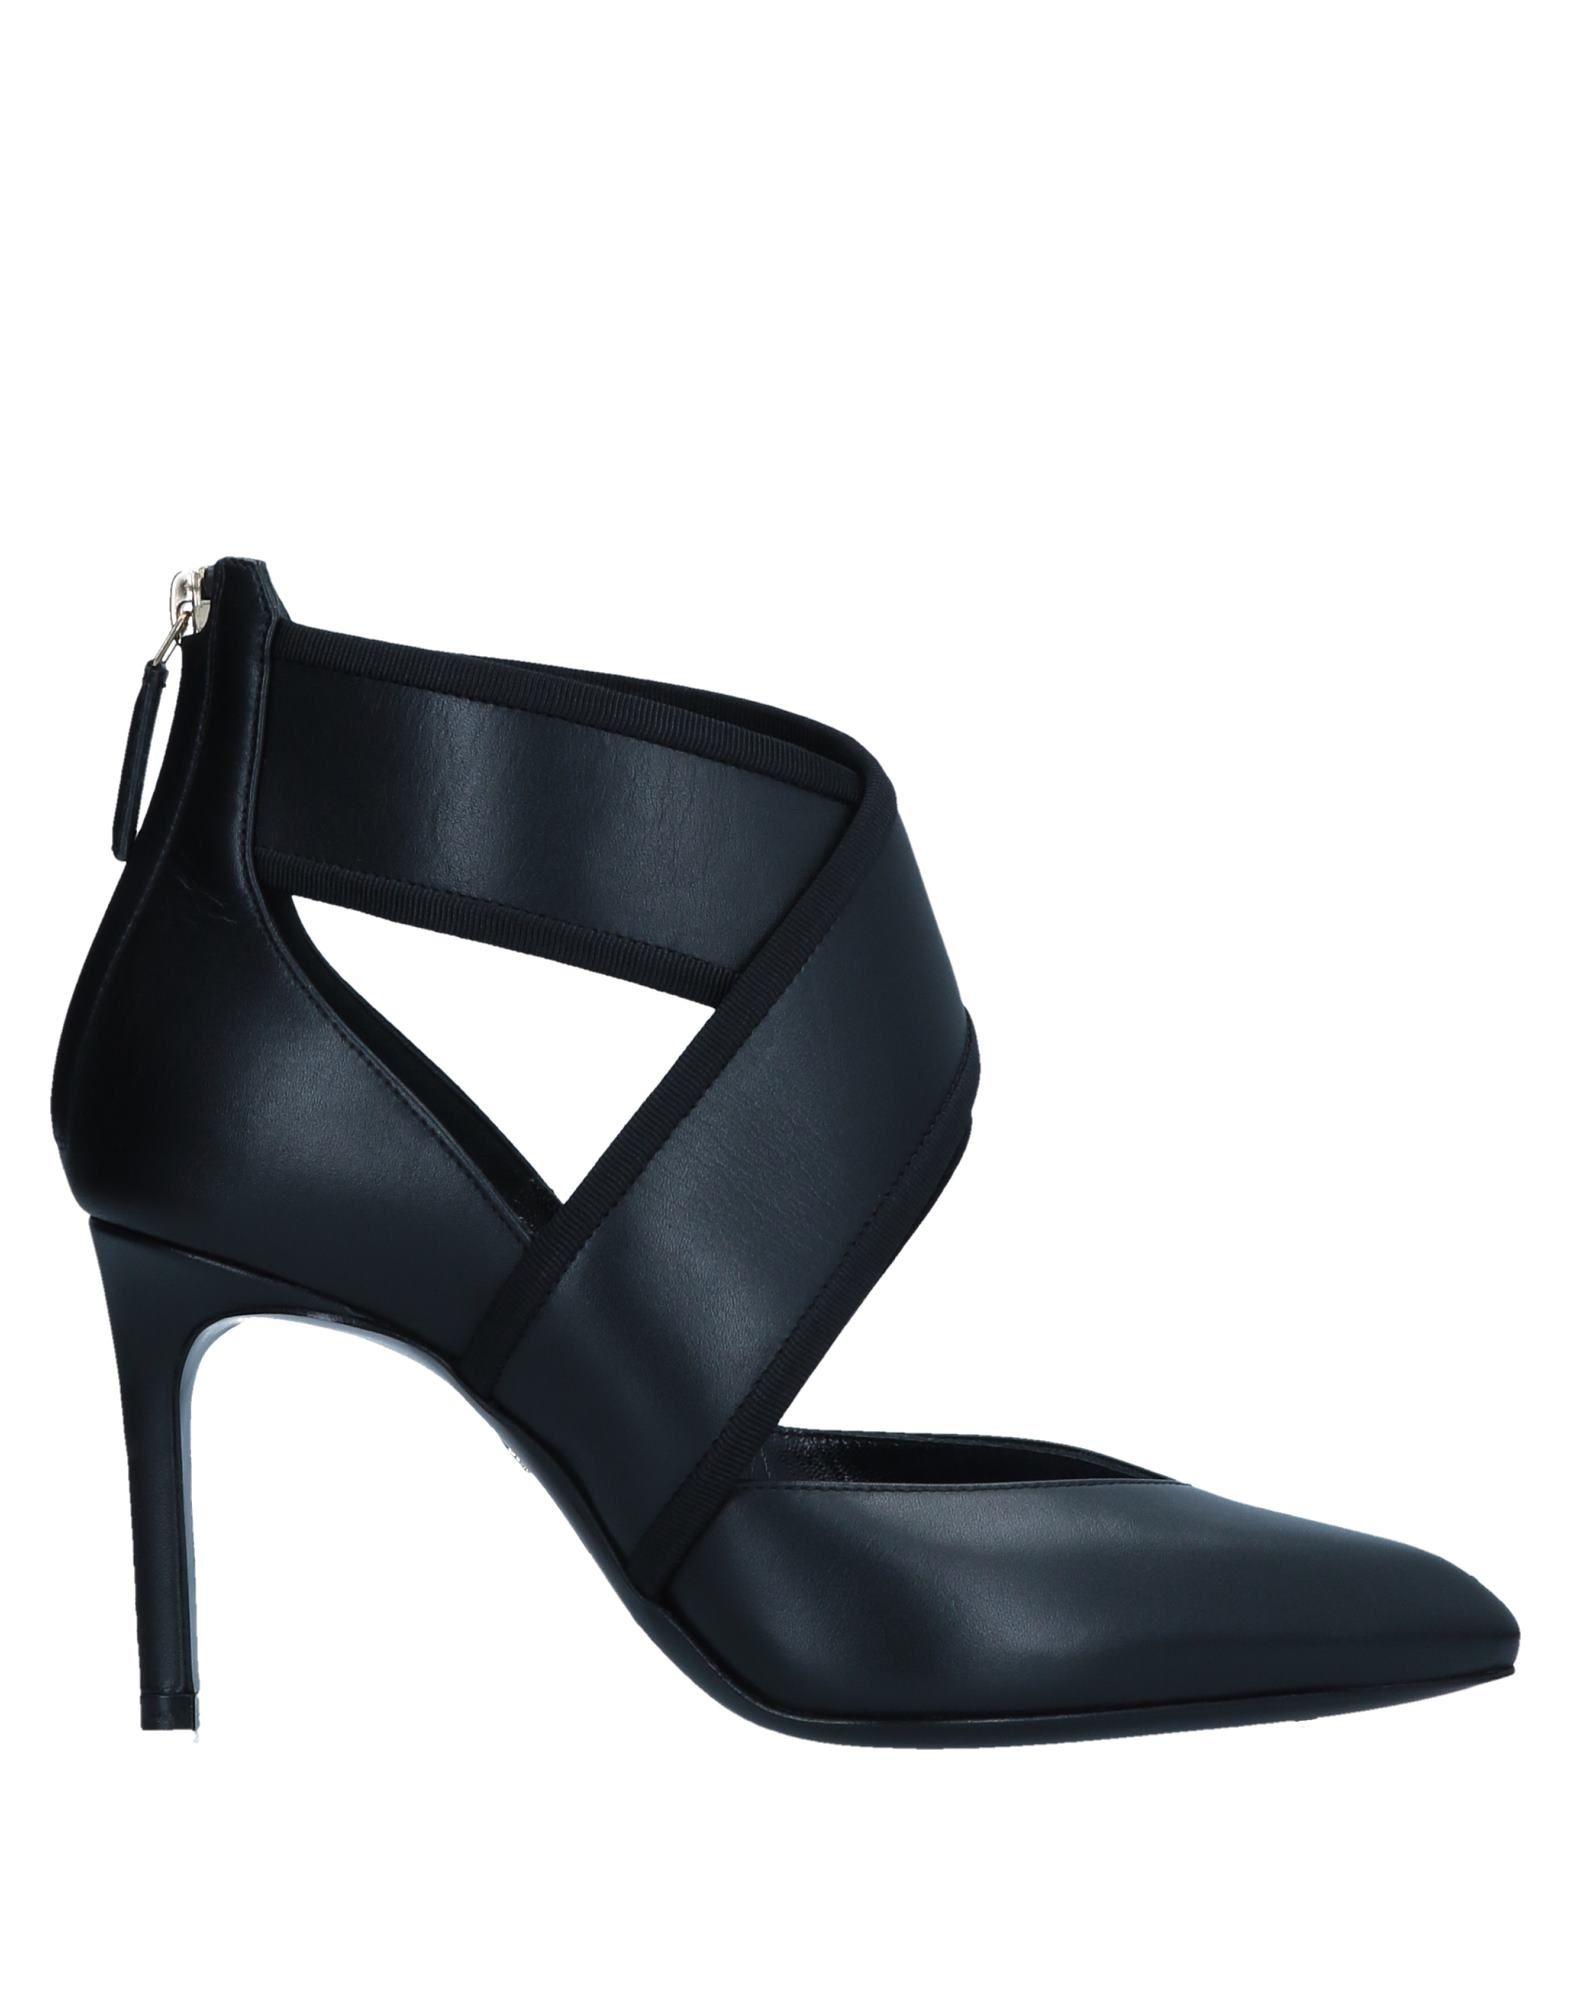 Lanvin Pumps Damen Schuhe  11546349OPGünstige gut aussehende Schuhe Damen eed020